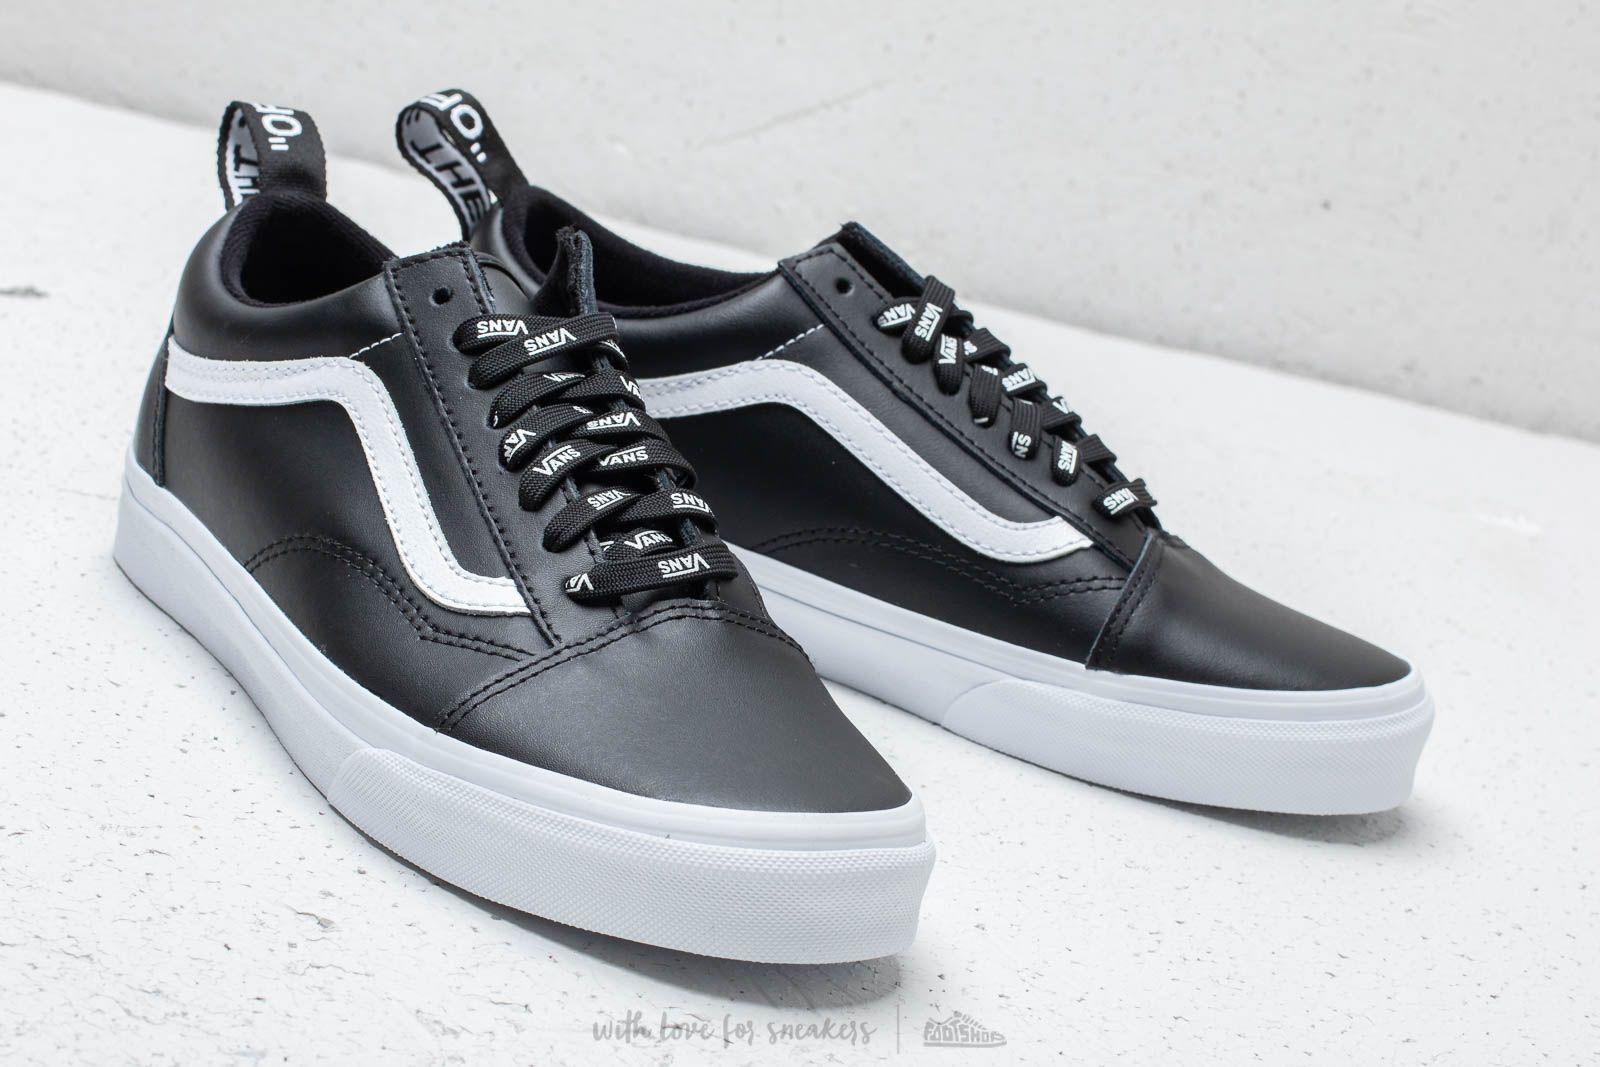 Vans Old Skool (Otw Webbing) Black Leather | Footshop